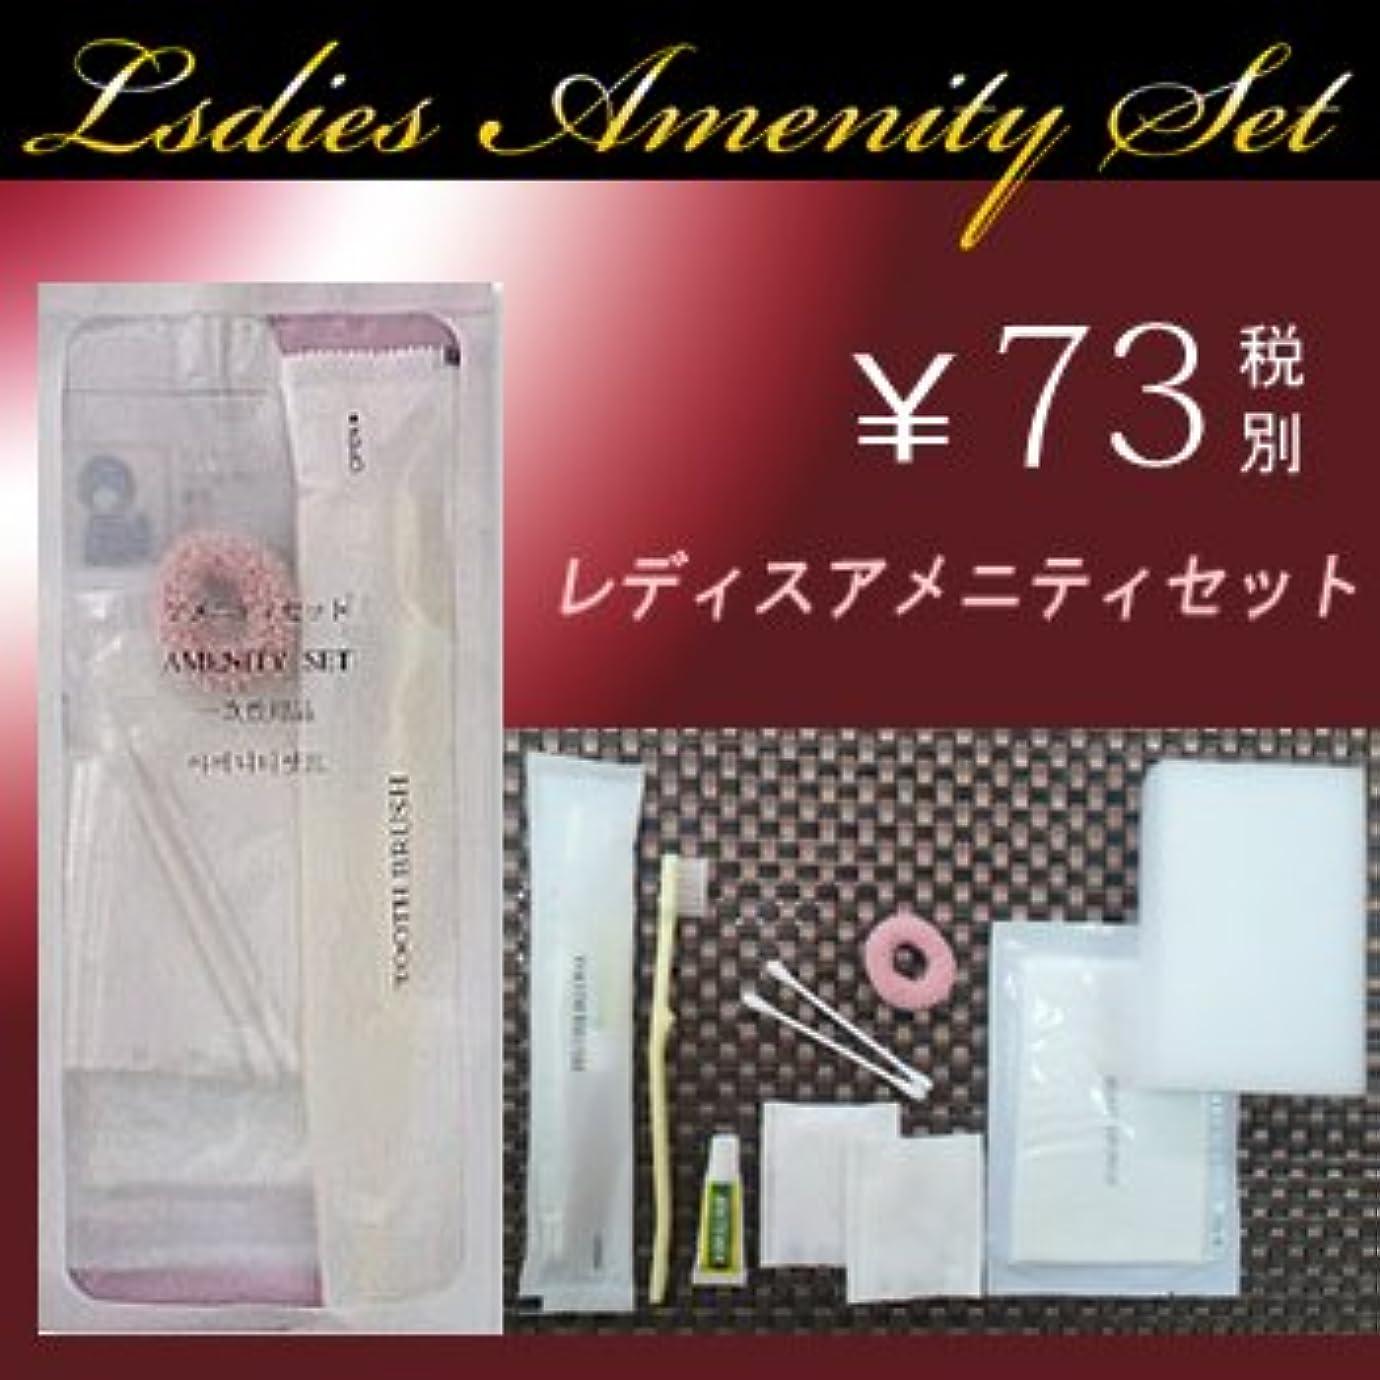 伝染性告白加速するレディスアメニティフルセット袋入(1セット300個入)